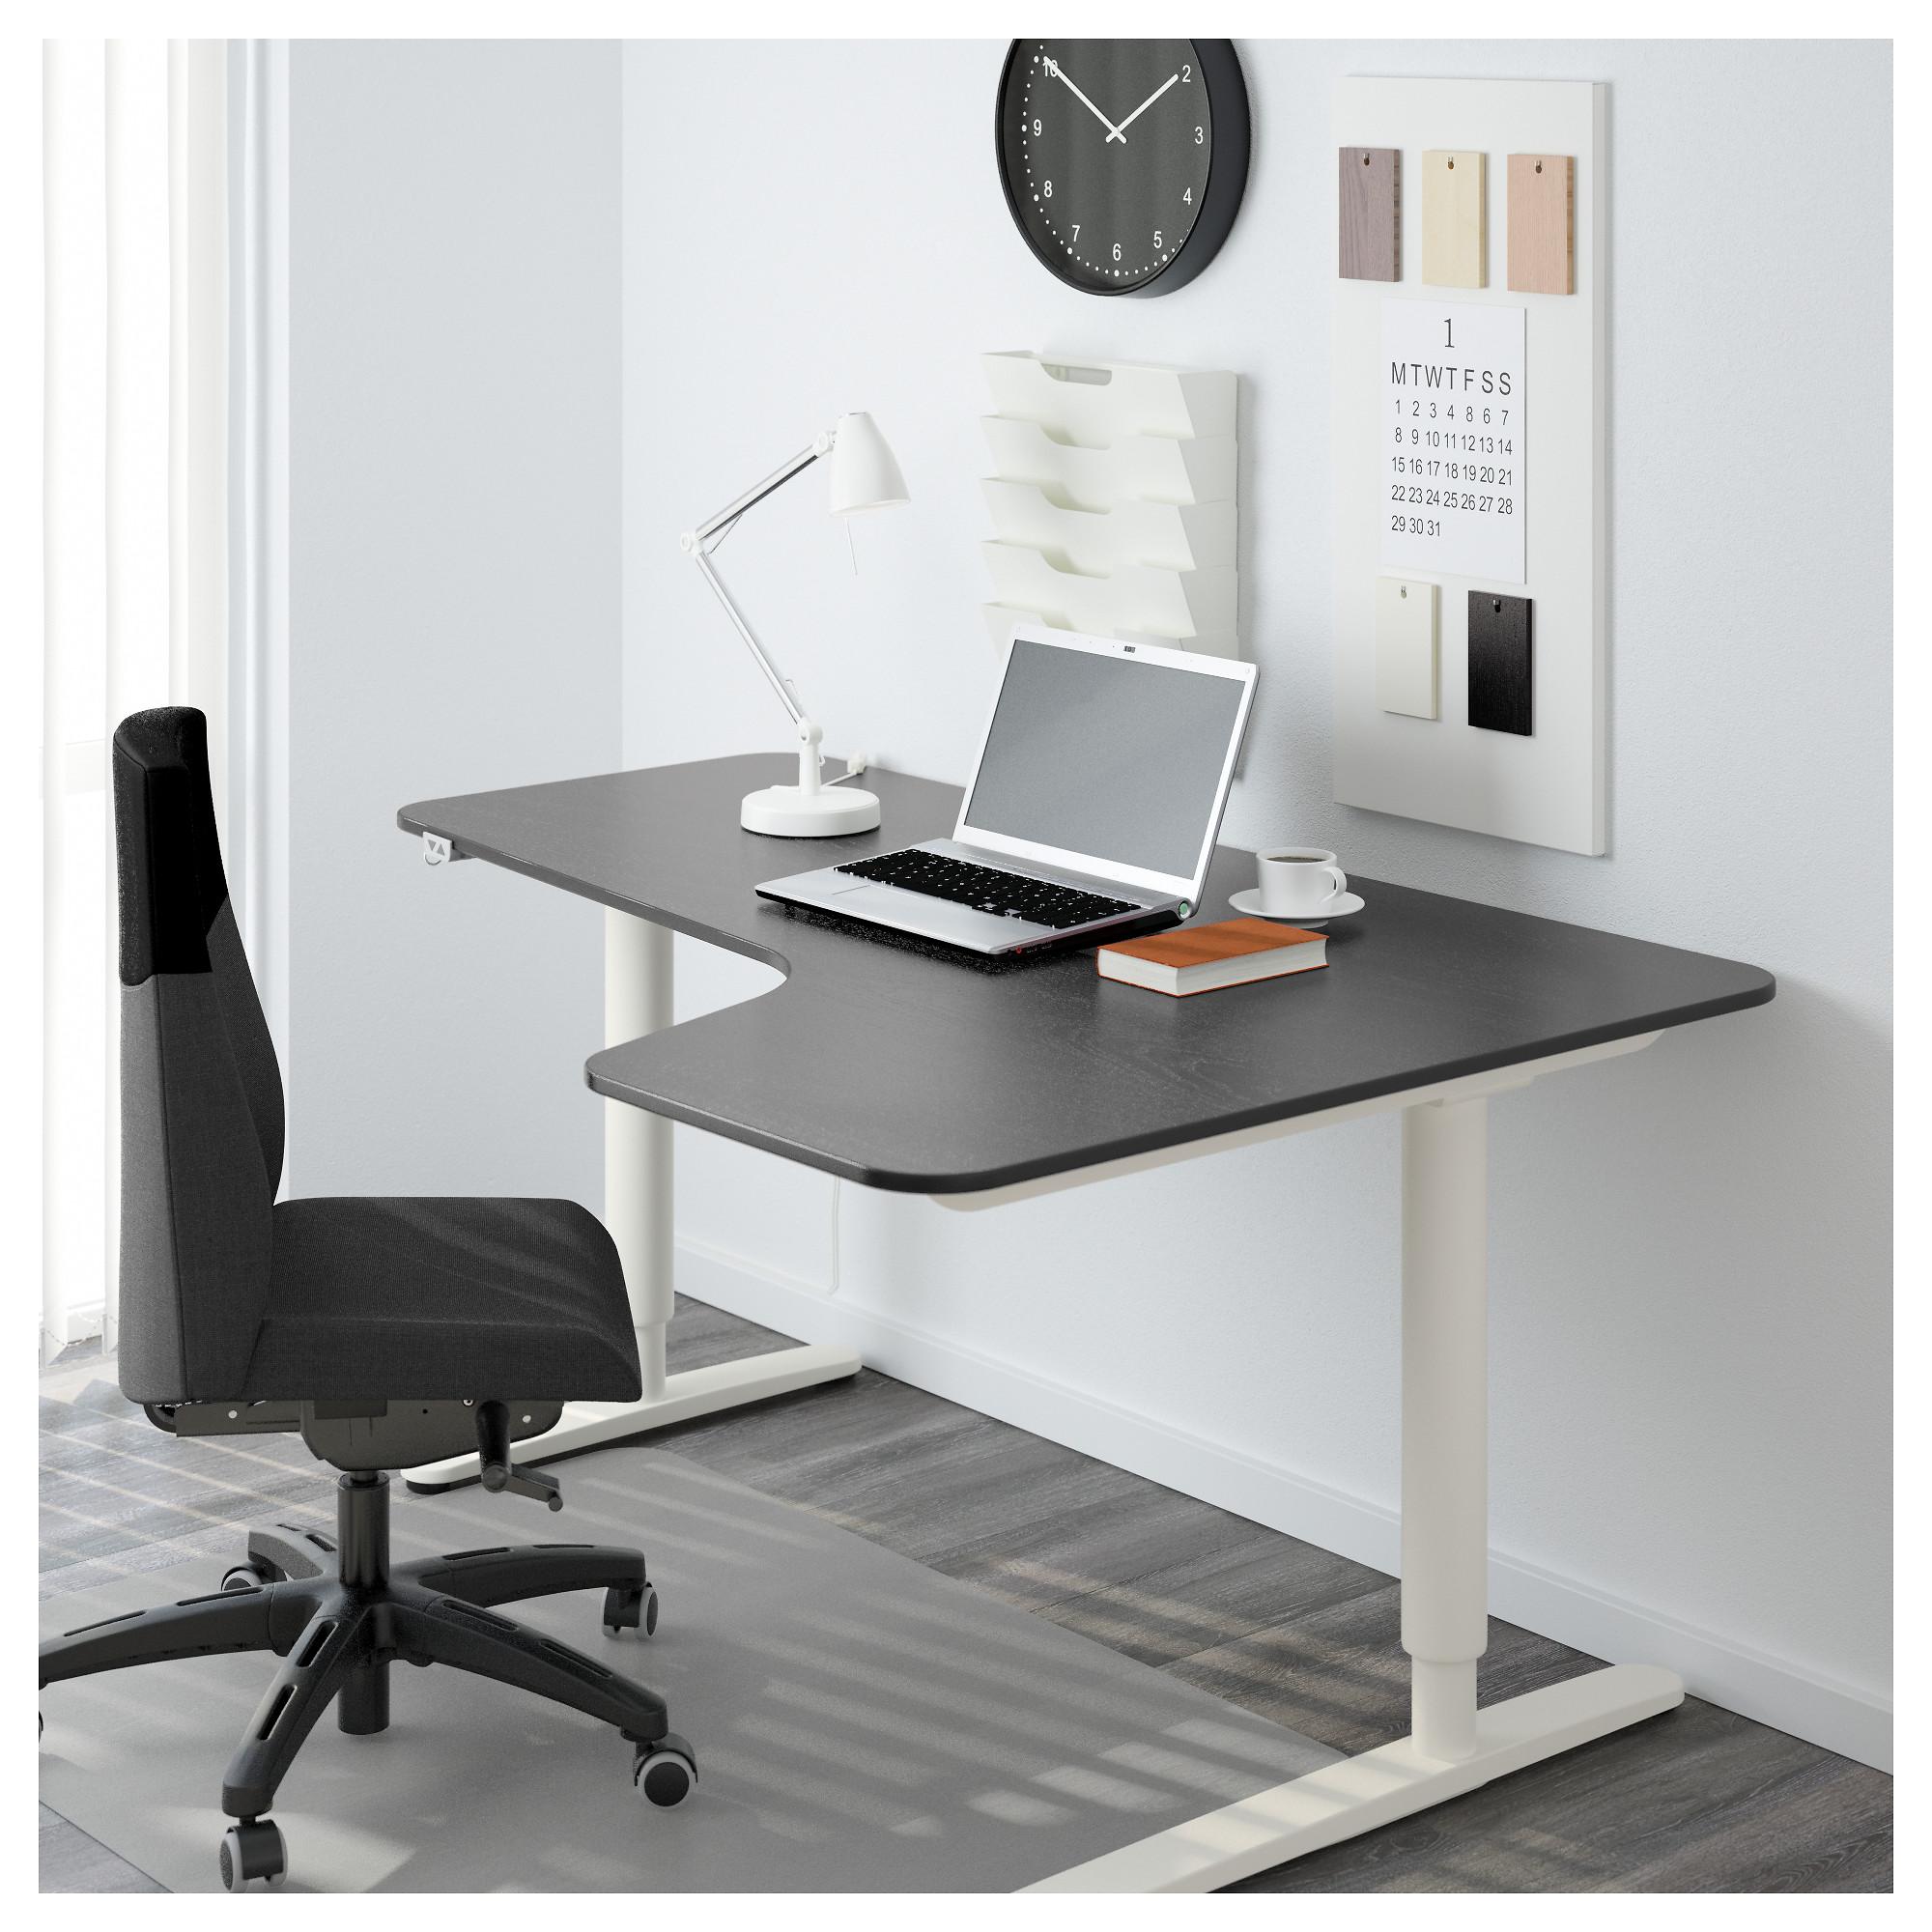 Угловой письменный стол правосторонний, трансформатор БЕКАНТ белый артикуль № 192.786.63 в наличии. Интернет сайт IKEA Минск. Недорогая доставка и установка.